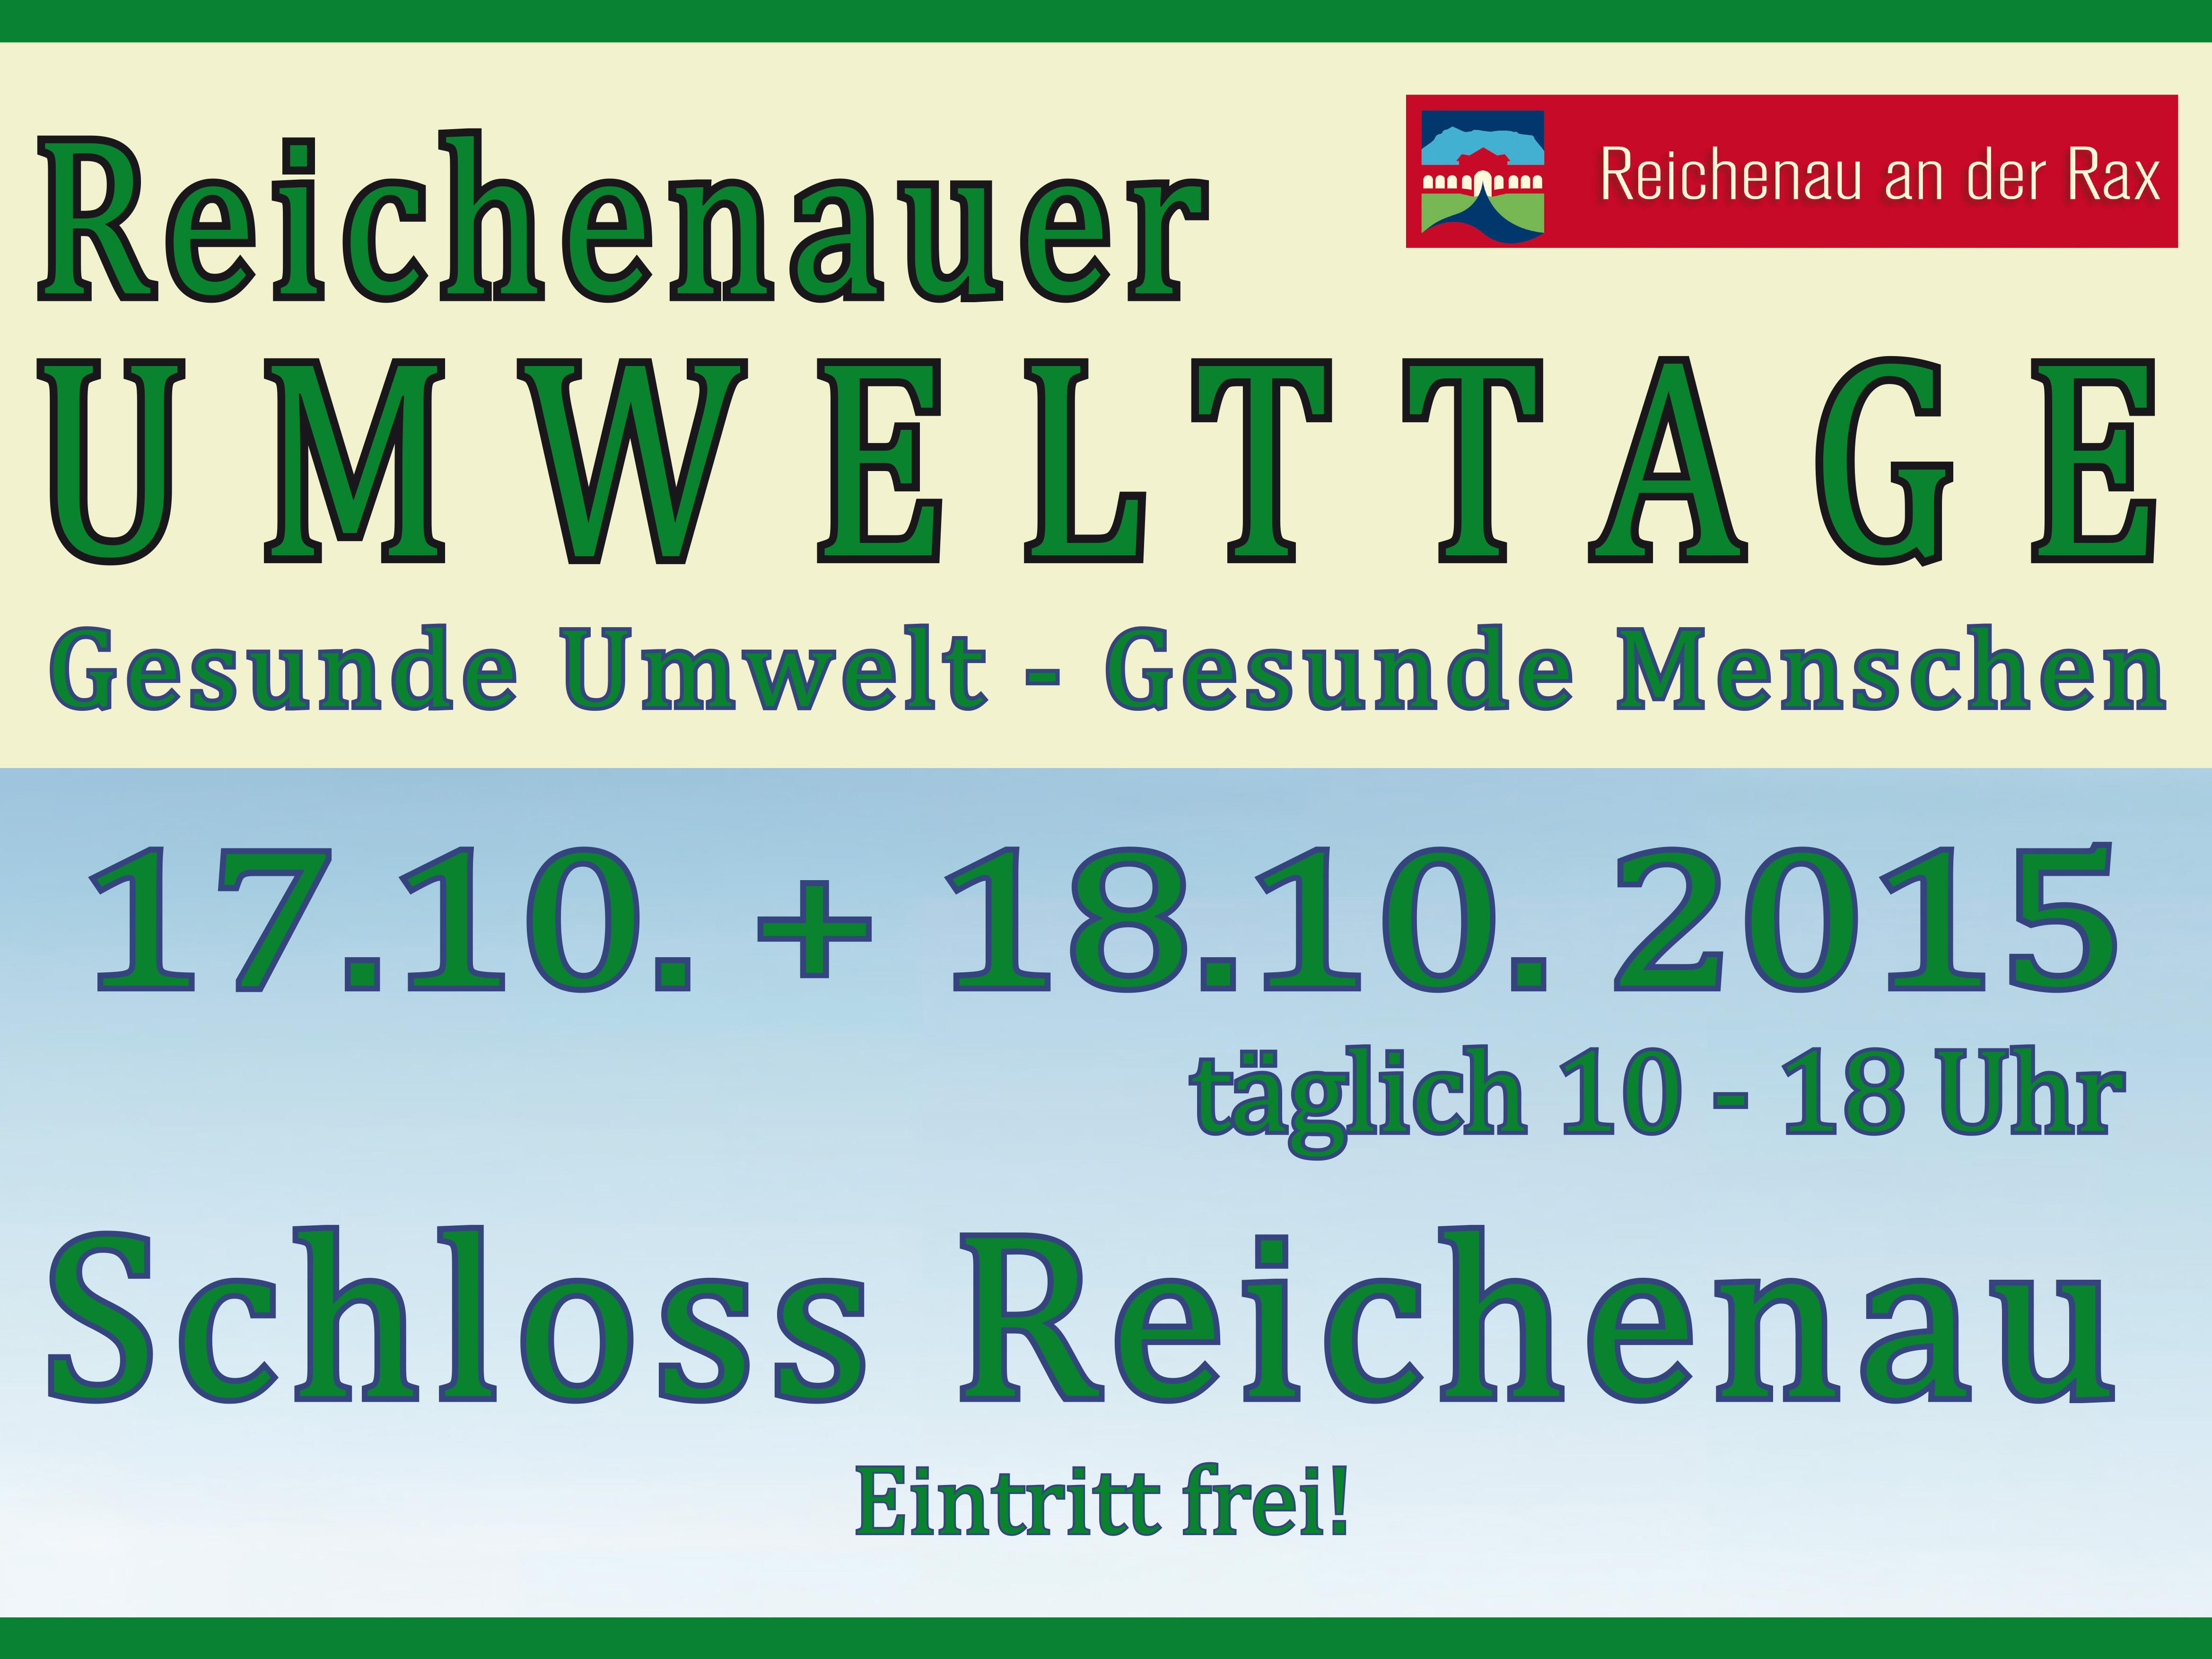 Reichenauer Umwelttage